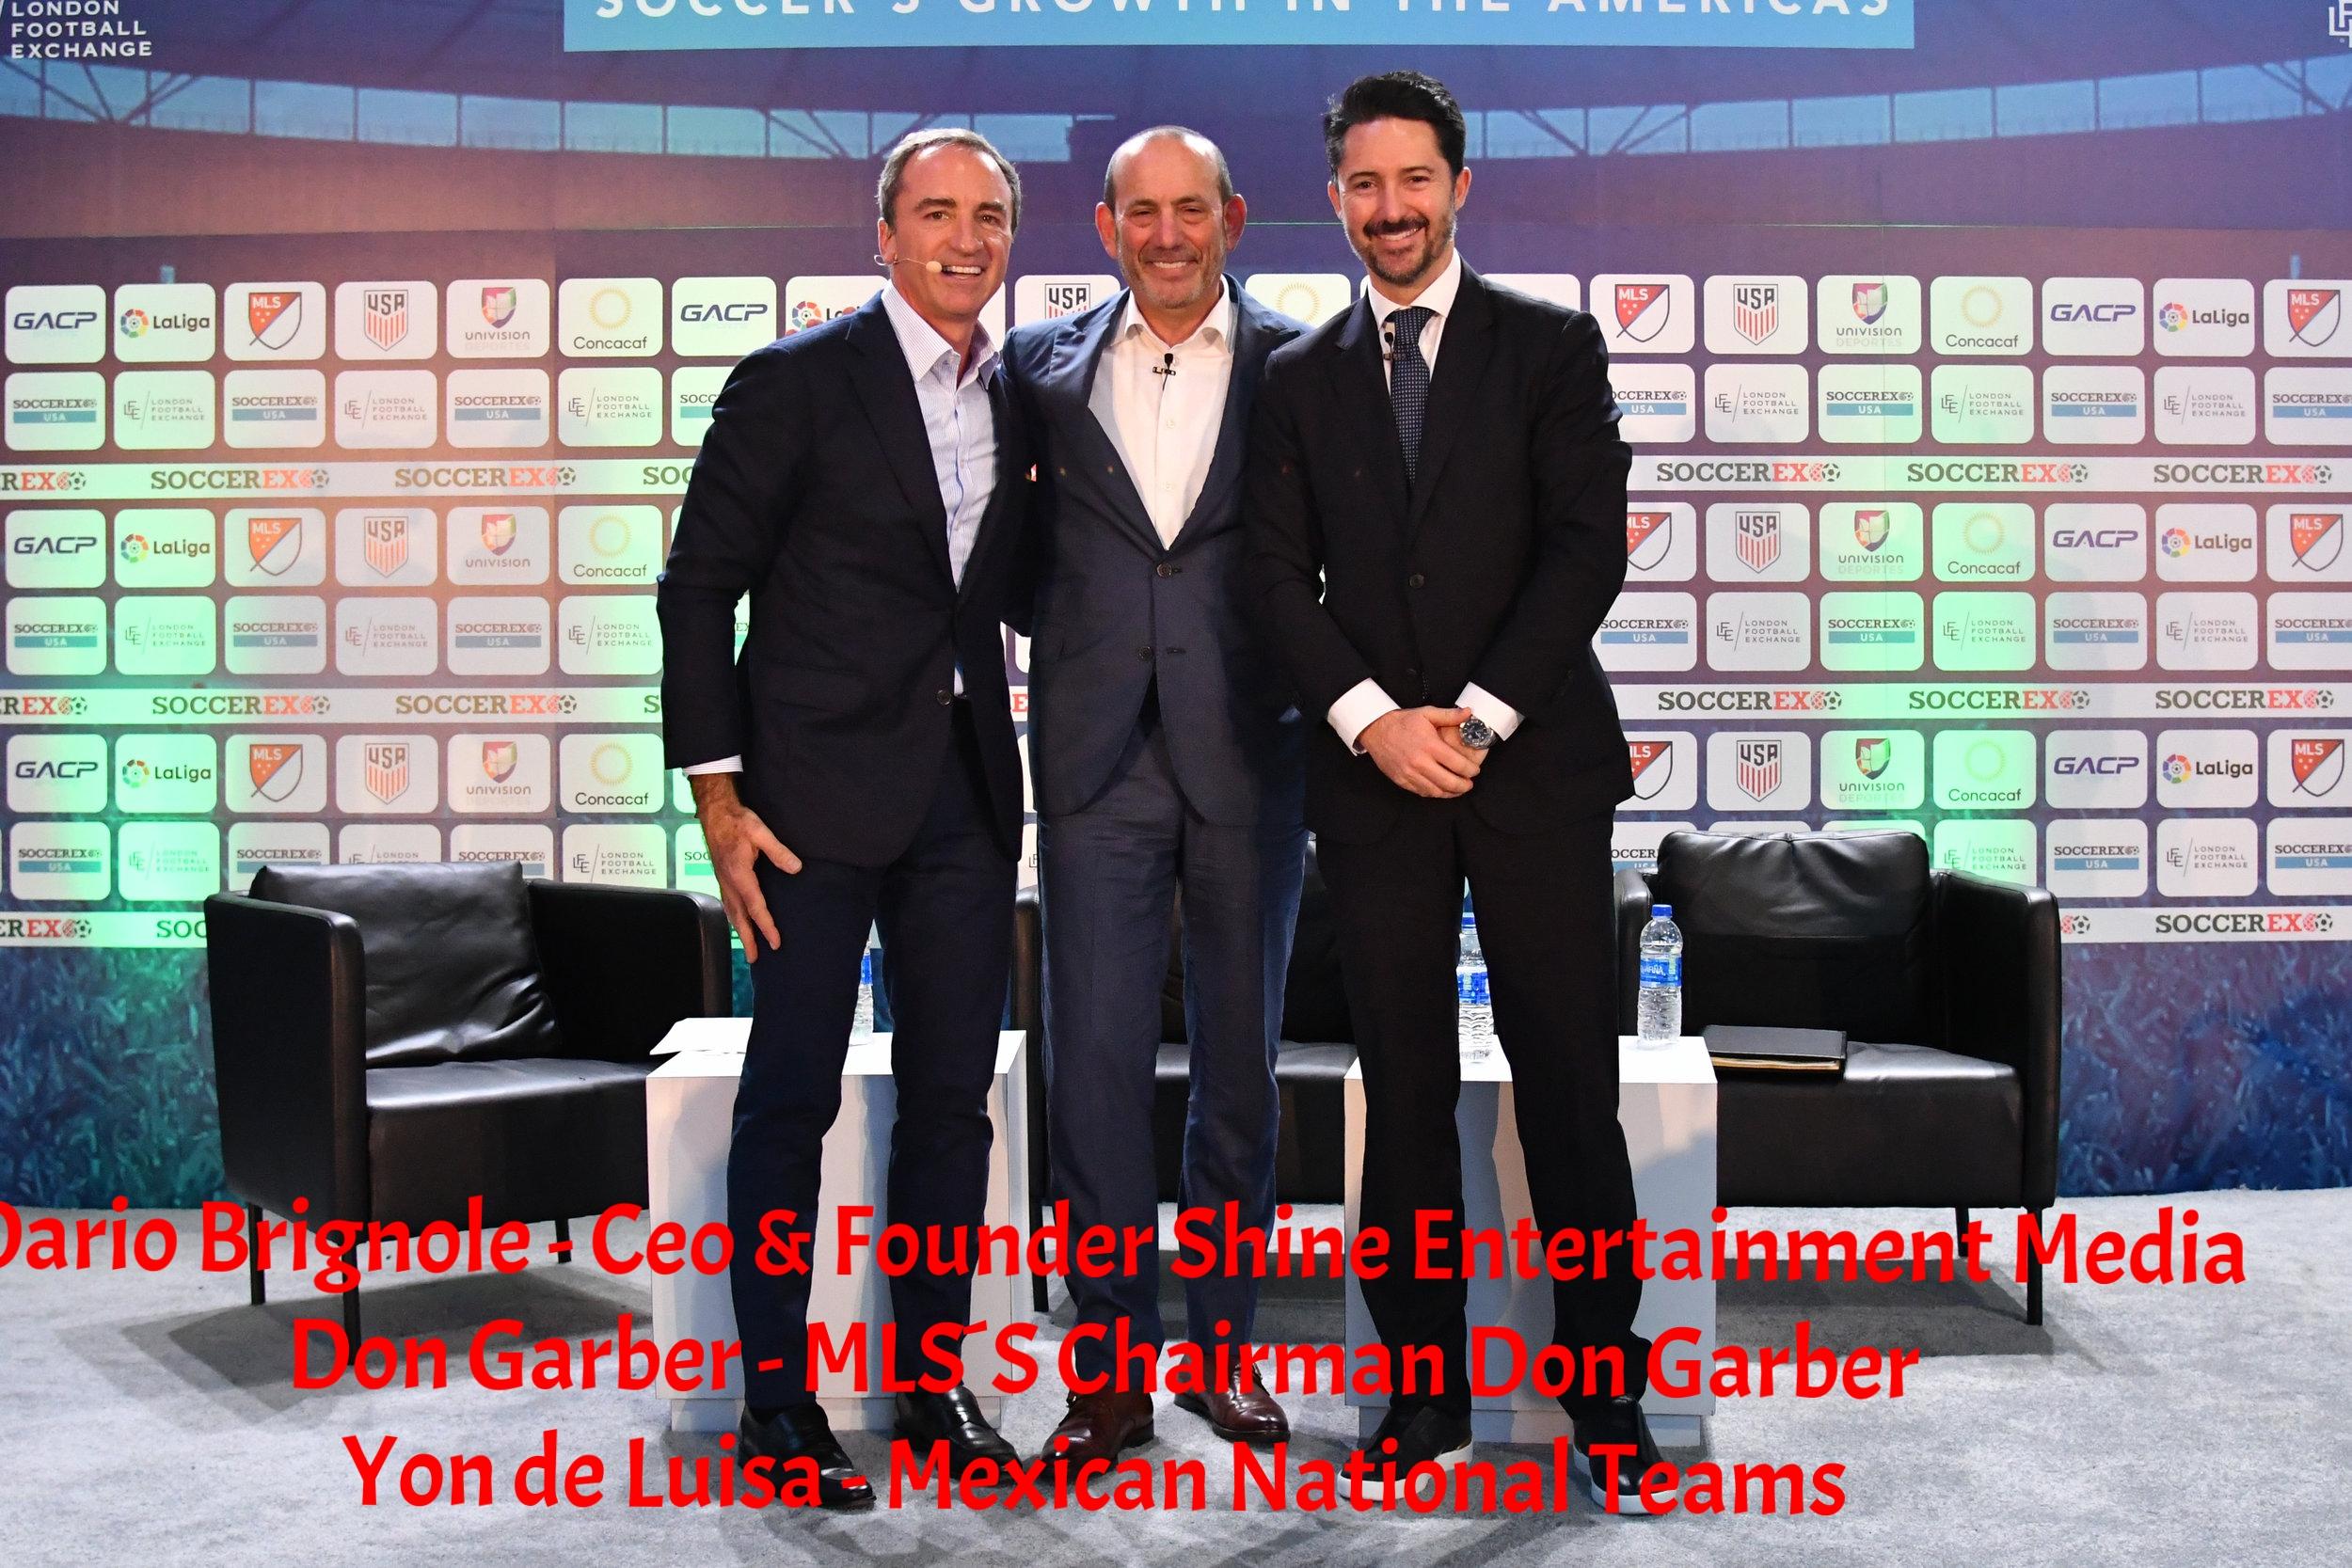 Dario Brignole, Don Garber and Yon de Luisa at Soccerex Miami 2018